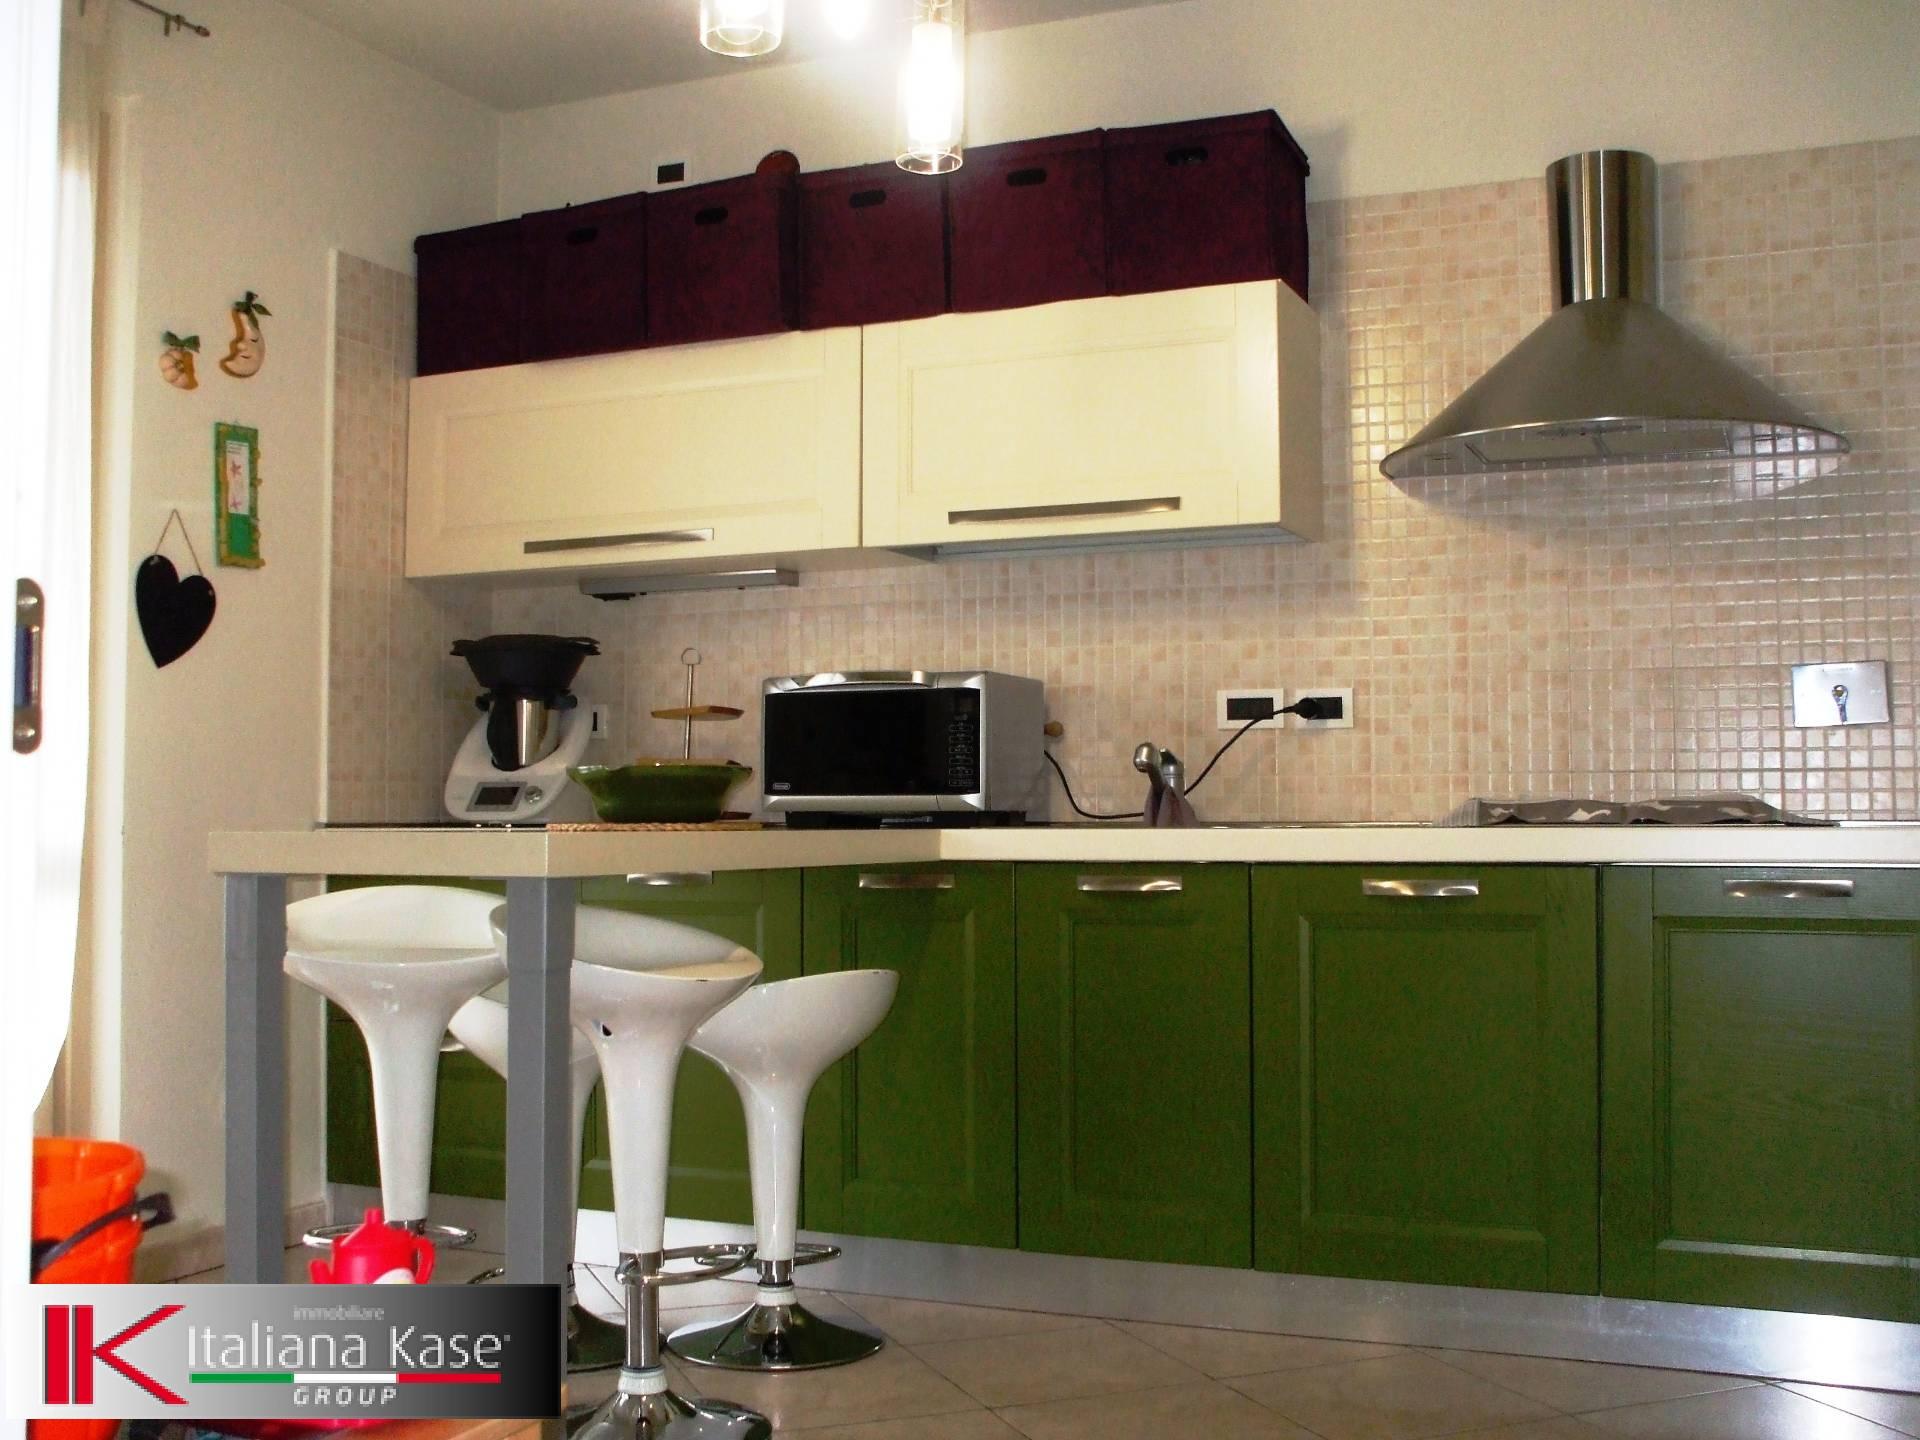 Appartamento in vendita a Gassino Torinese, 5 locali, zona Località: GassinoTorinese, prezzo € 280.000 | CambioCasa.it